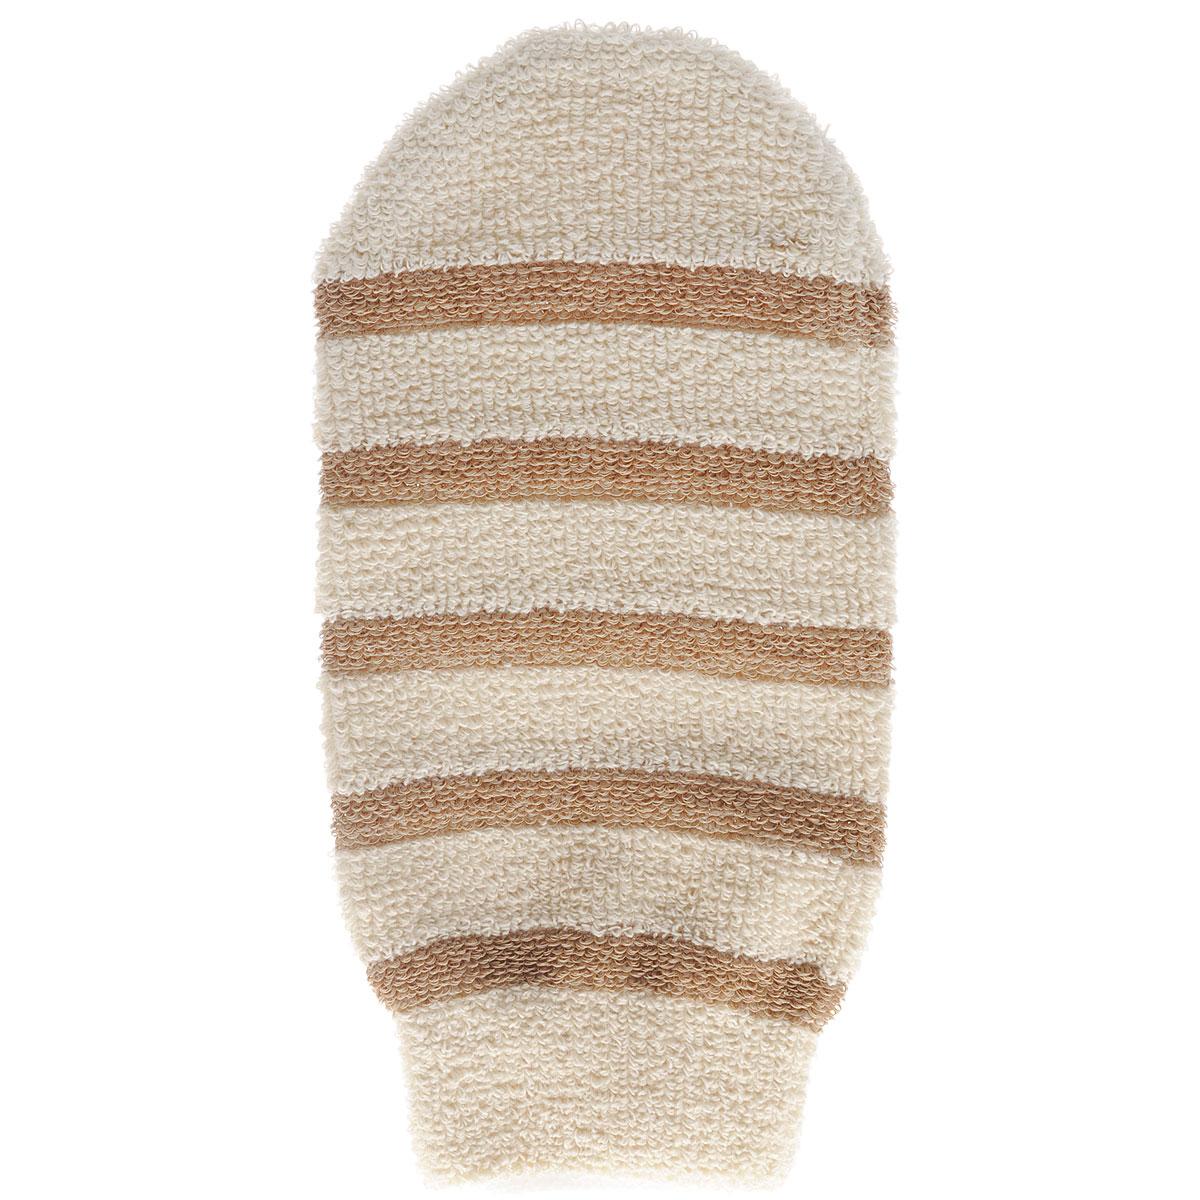 Мочалка-рукавица Riffi, с массажными полосками, цвет: бежевый406_бежевыйМочалка-рукавица Riffi применяется для мытья тела, благодаря массажным полоскам обладает активным пилинговым действием, тонизируя, массируя и эффективно очищая вашу кожу. Интенсивный и пощипывающий свежий массаж тела с применением мочалки Riffi усиливает кровообращение, активирует кровоснабжение и улучшает общее самочувствие. Благодаря отшелушивающему эффекту, кожа освобождается от отмерших клеток, становится гладкой, упругой и свежей. Мочалка-рукавица Riffi приносит приятное расслабление всему организму. Борется с болями и спазмами в мышцах, а также эффективно предупреждает образование целлюлита.Состав: 85% хлопок, 15% полиэтилен.Товар сертифицирован.